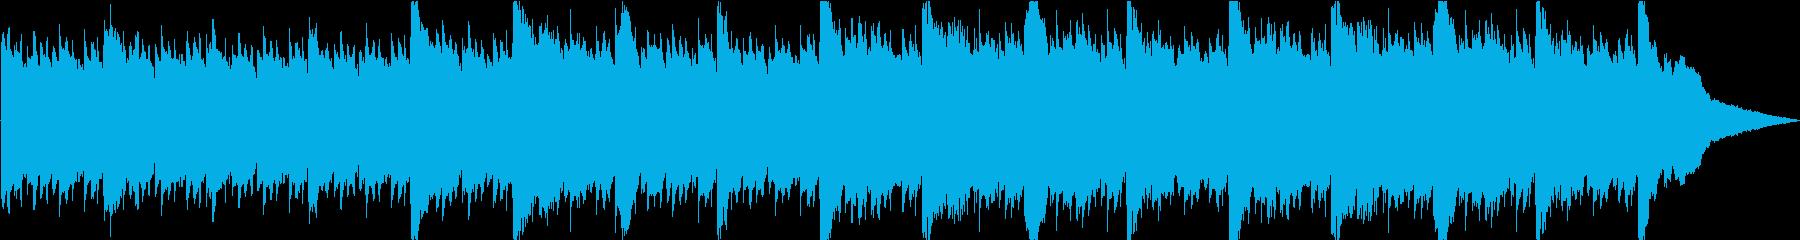 寂しく切ないピアノのBGMの再生済みの波形